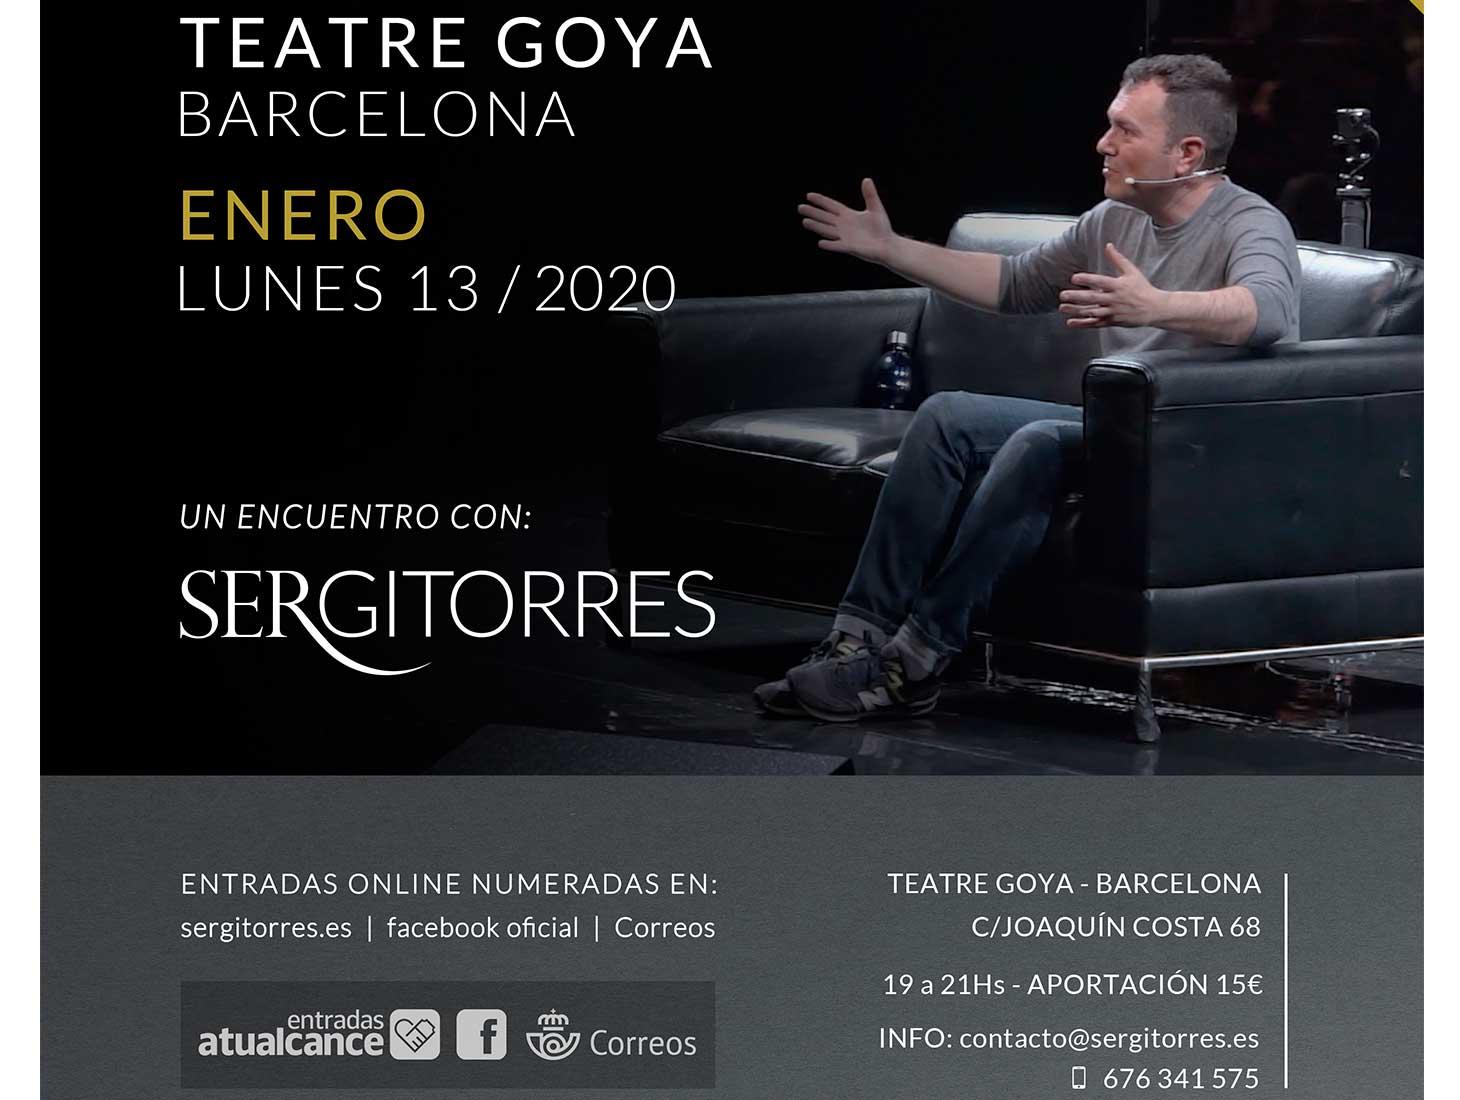 encuentro-con-sergi-torres-en-teatre-goya-barcelona-13-enero-5dc9235dd40d3.jpeg